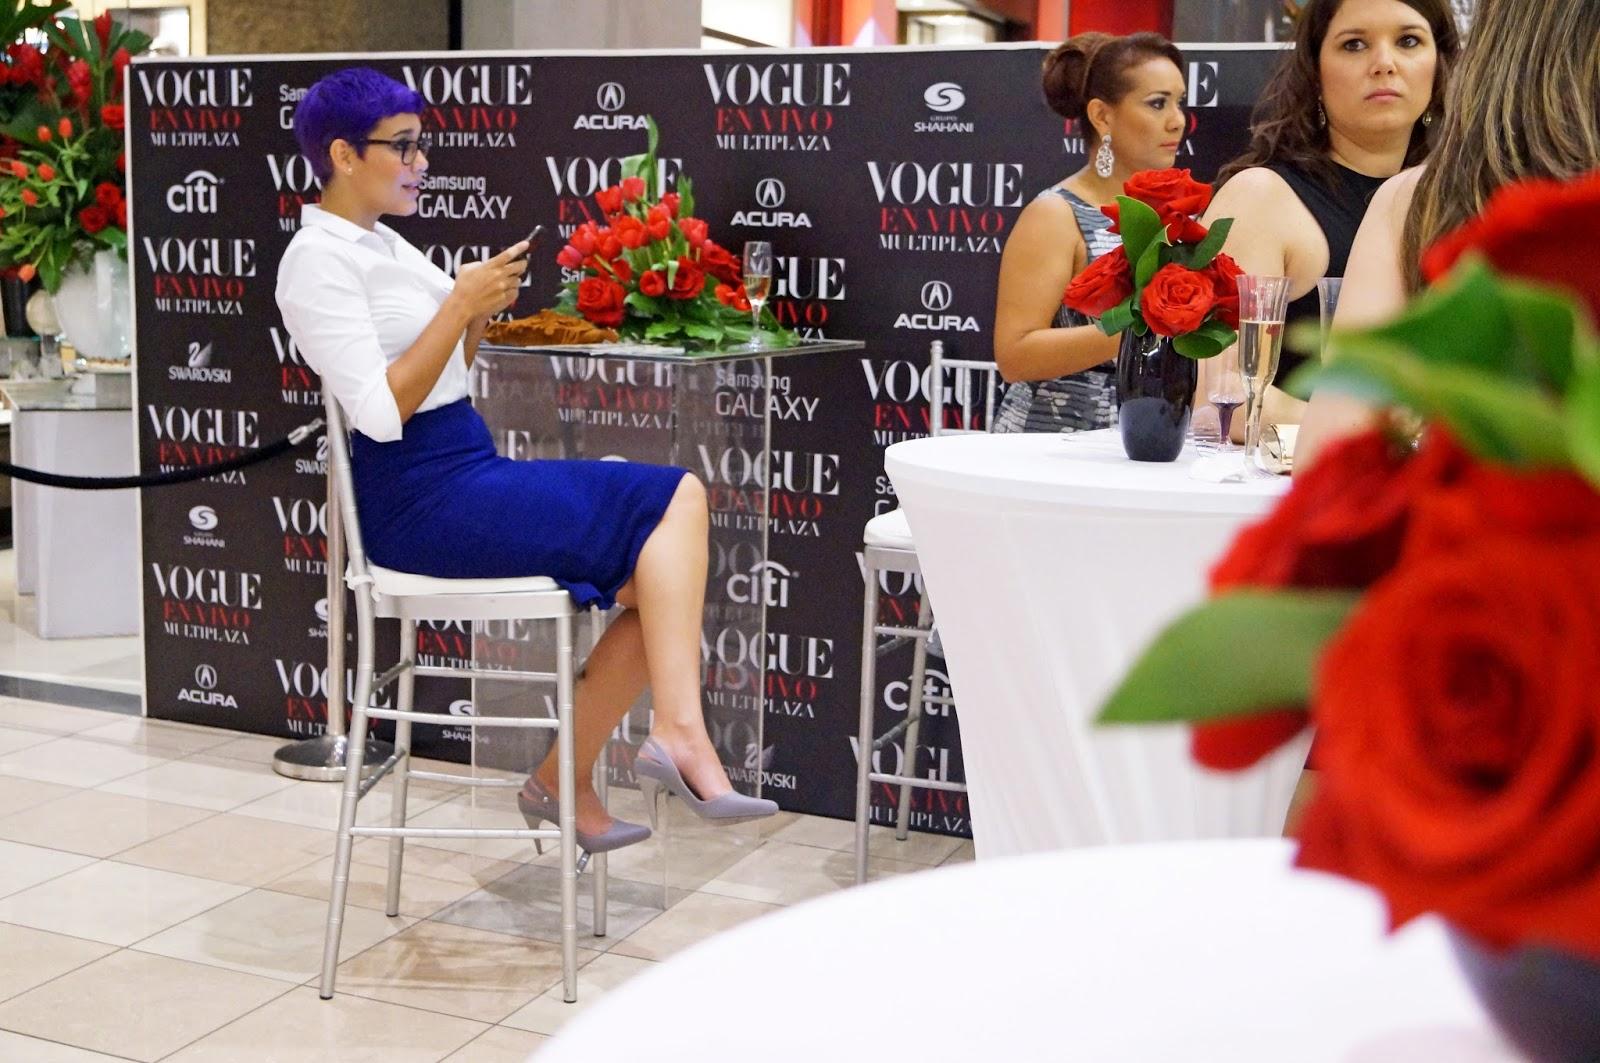 Vogue en Vivo Panama